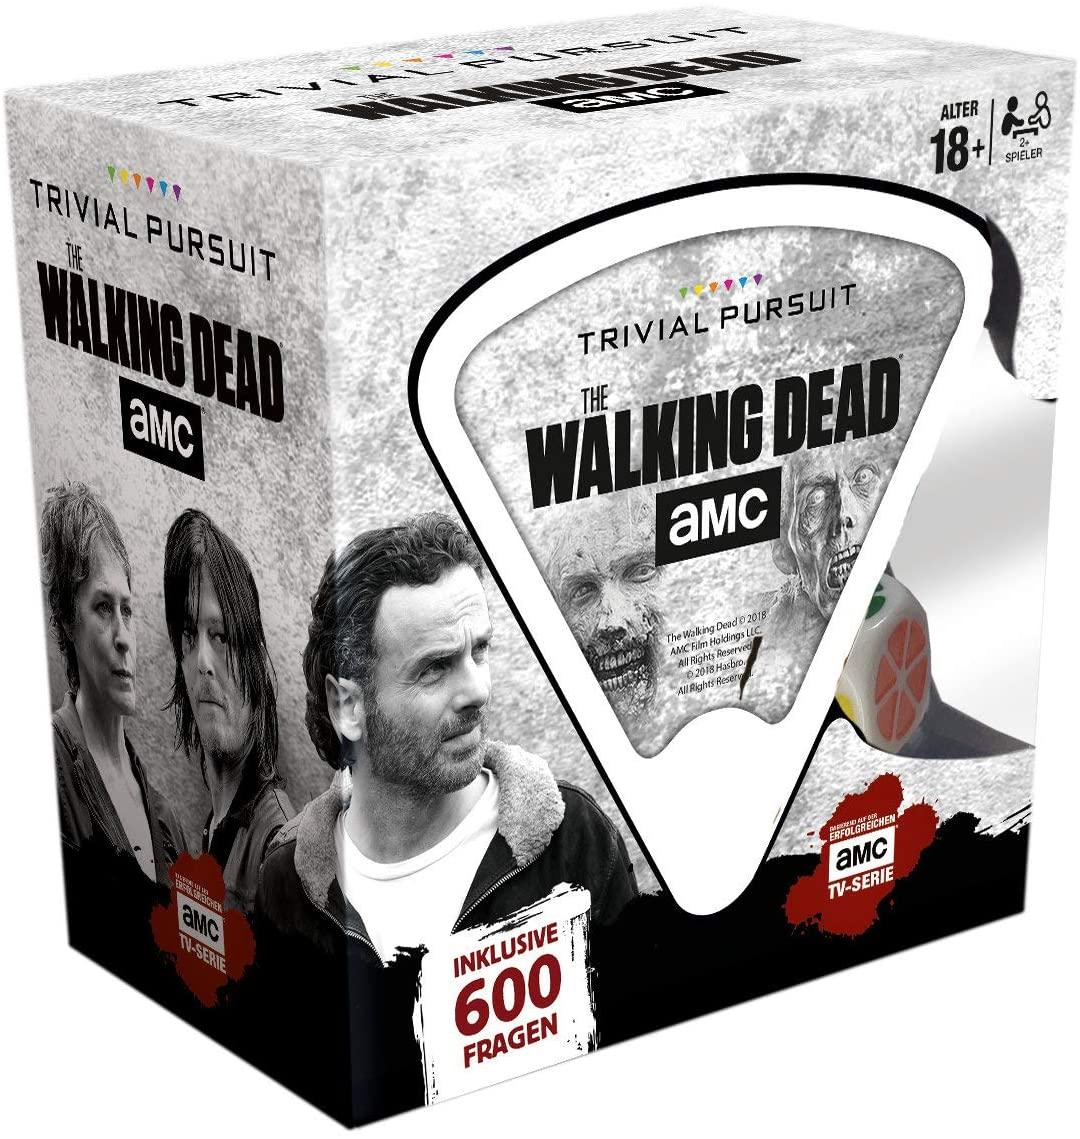 Trivial Pursuit - The Walking Dead - AMC (WM10362)